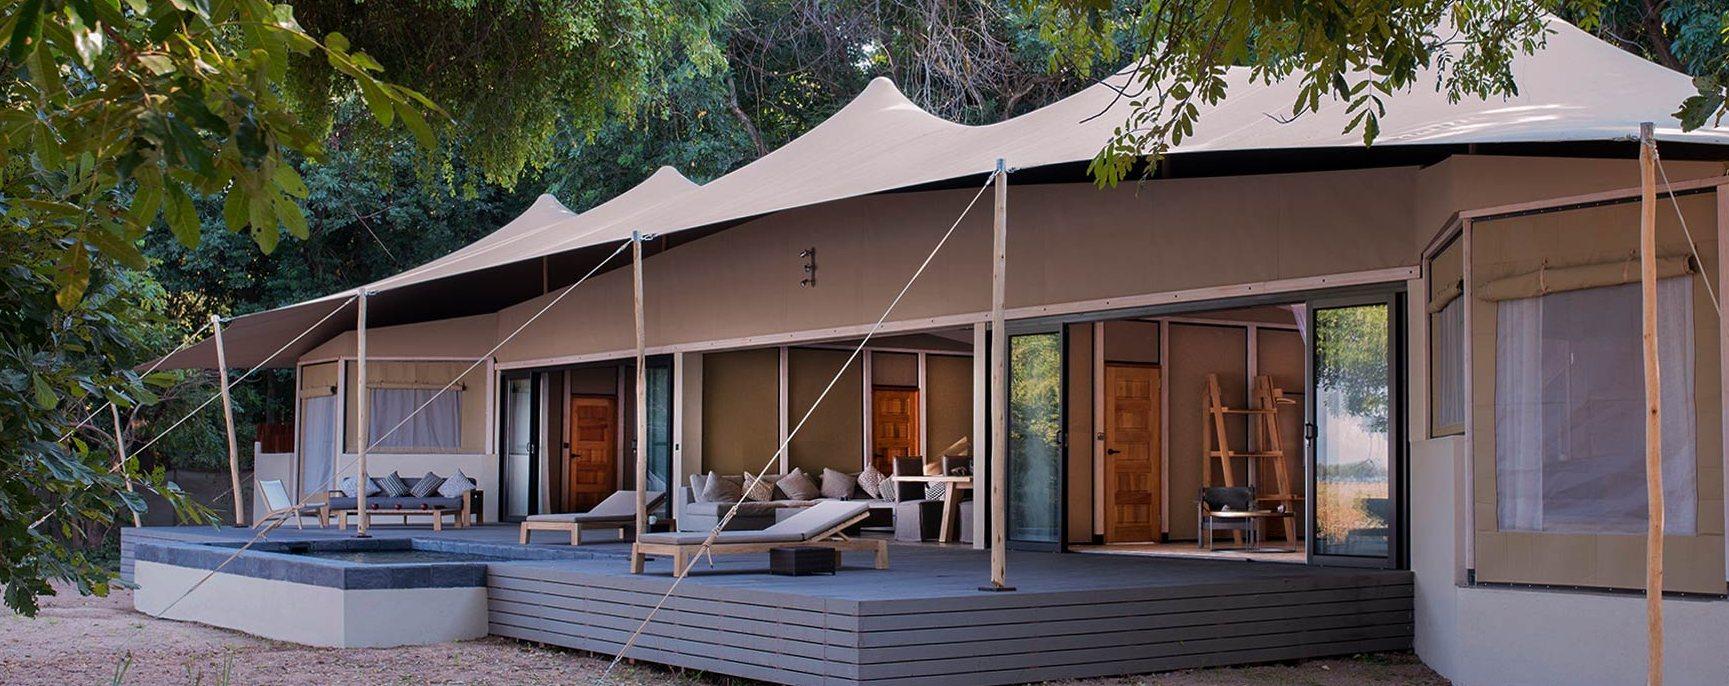 kigelia-house-lower-zambezi-zambia